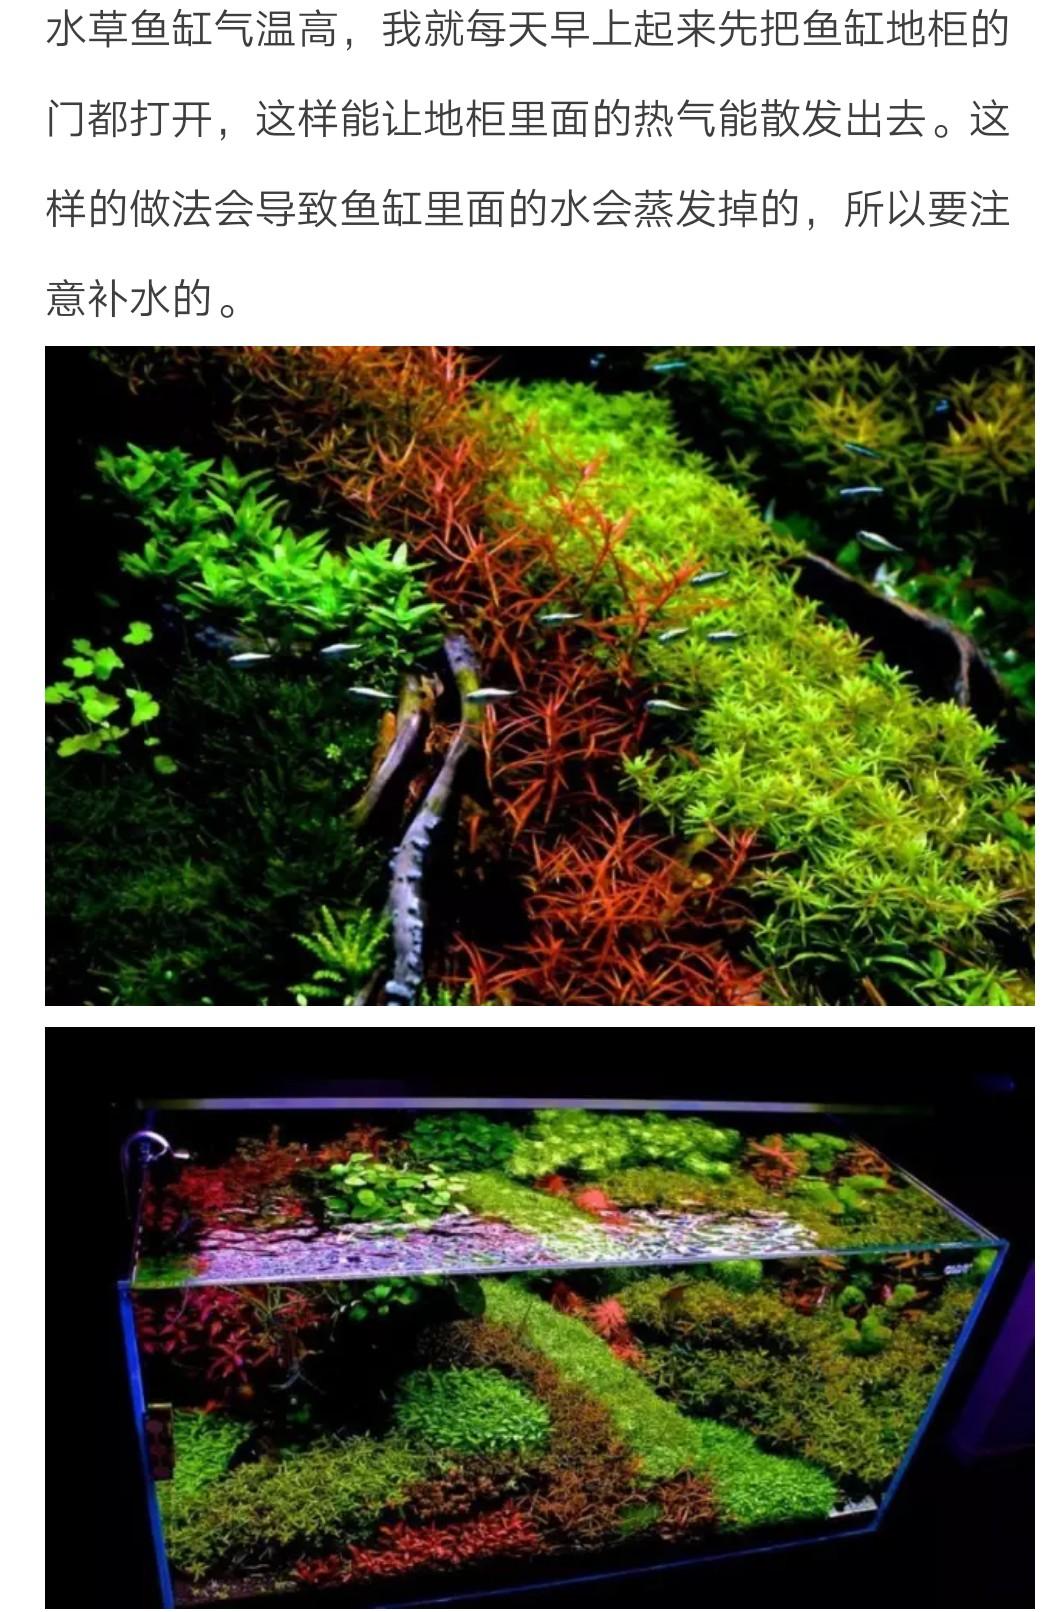 怎样稳定维护好水草缸水质(2)